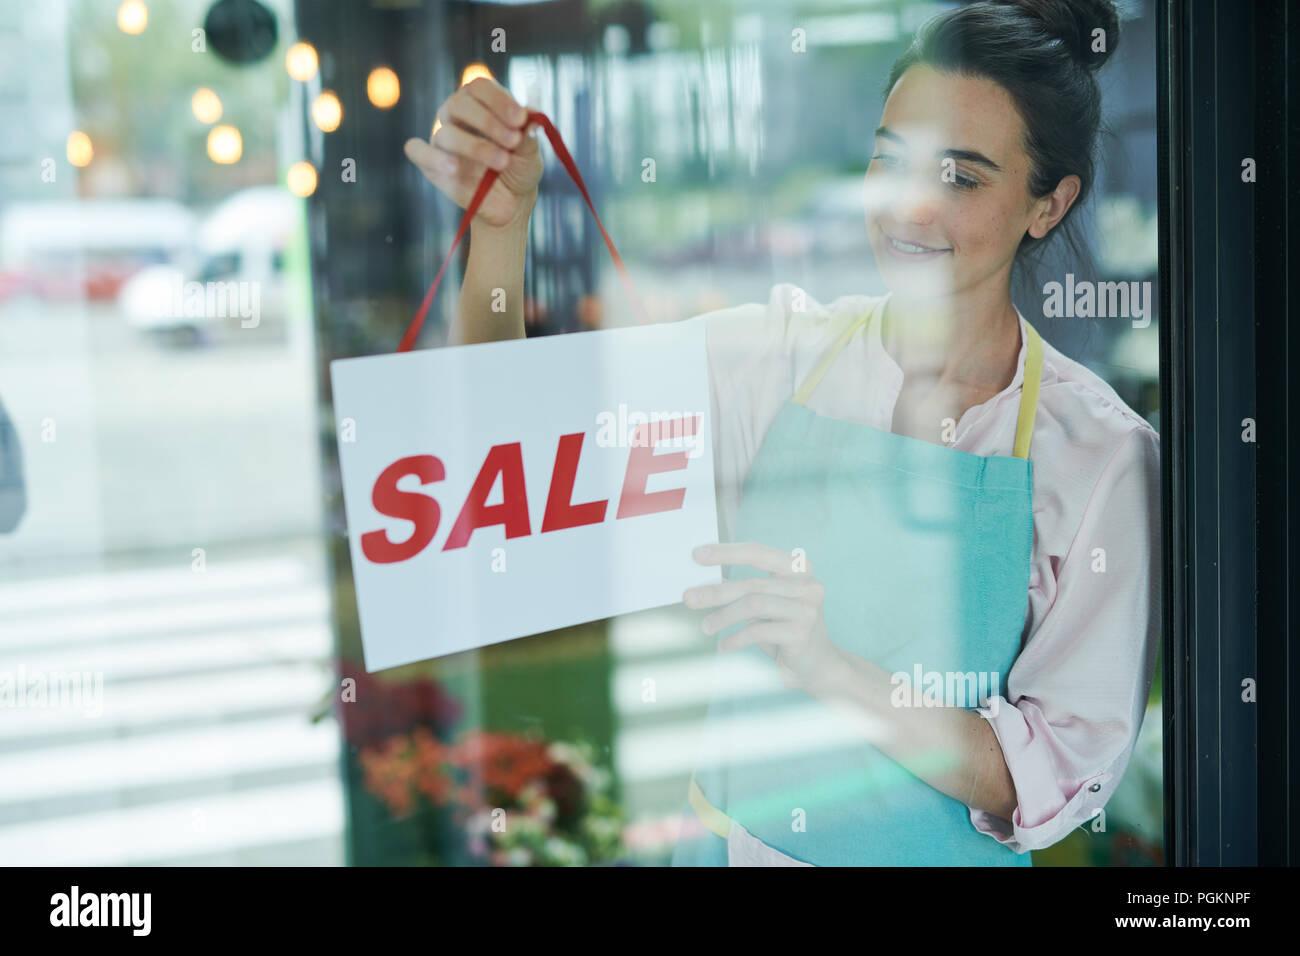 Taille bis Portrait von lächelnd weibliche Ladenbesitzer hängenden Verkauf Schild an der Tür Stockbild